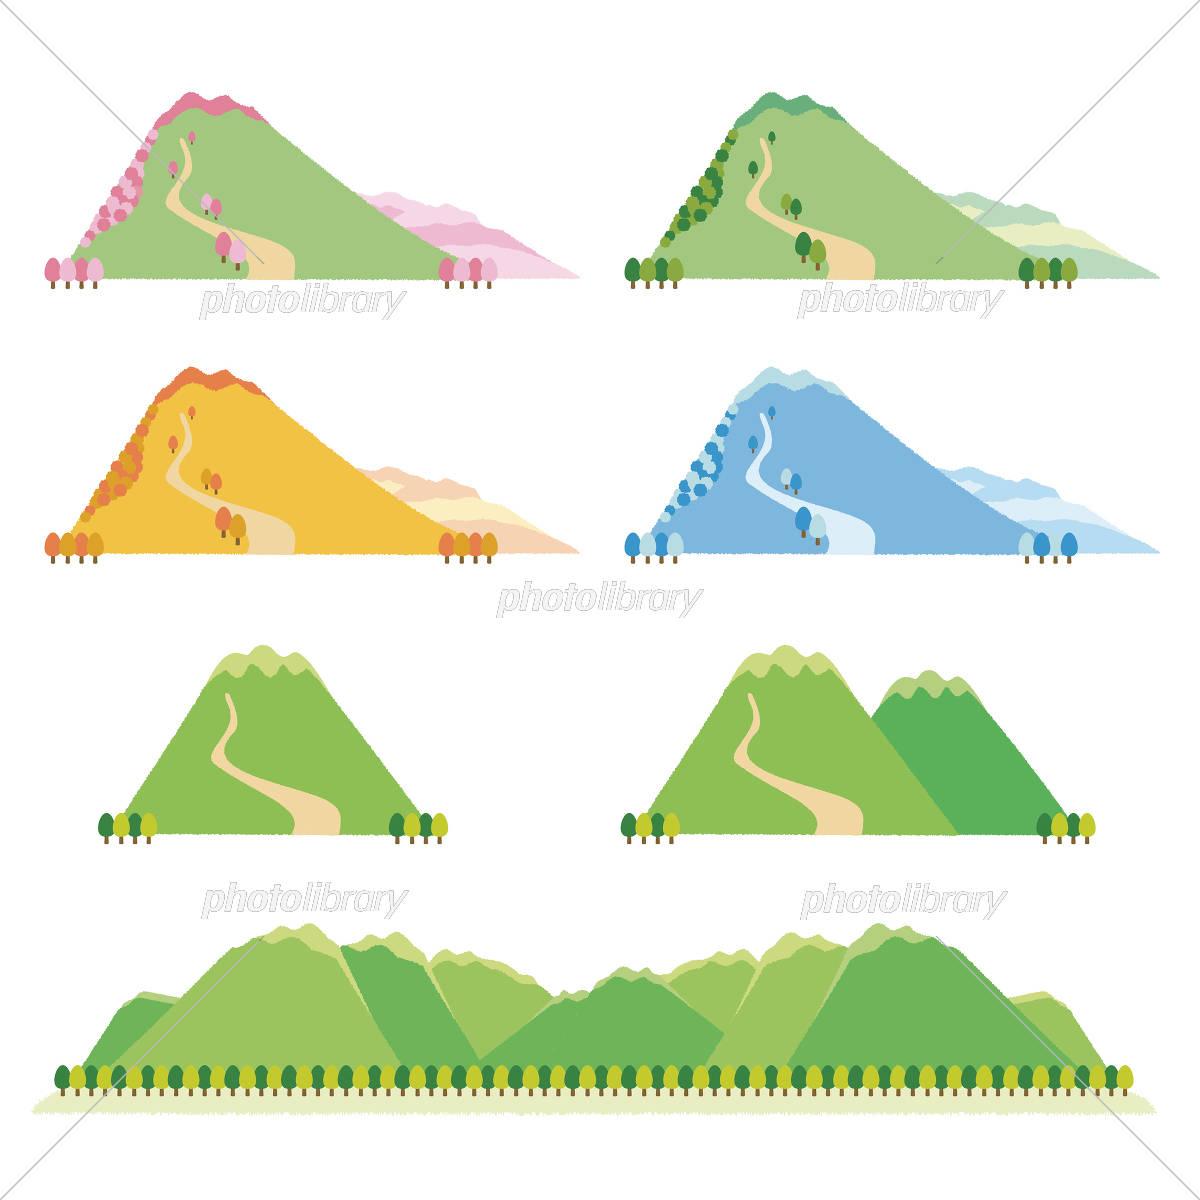 いろいろな山 イラスト素材 5745175 フォトライブラリー Photolibrary